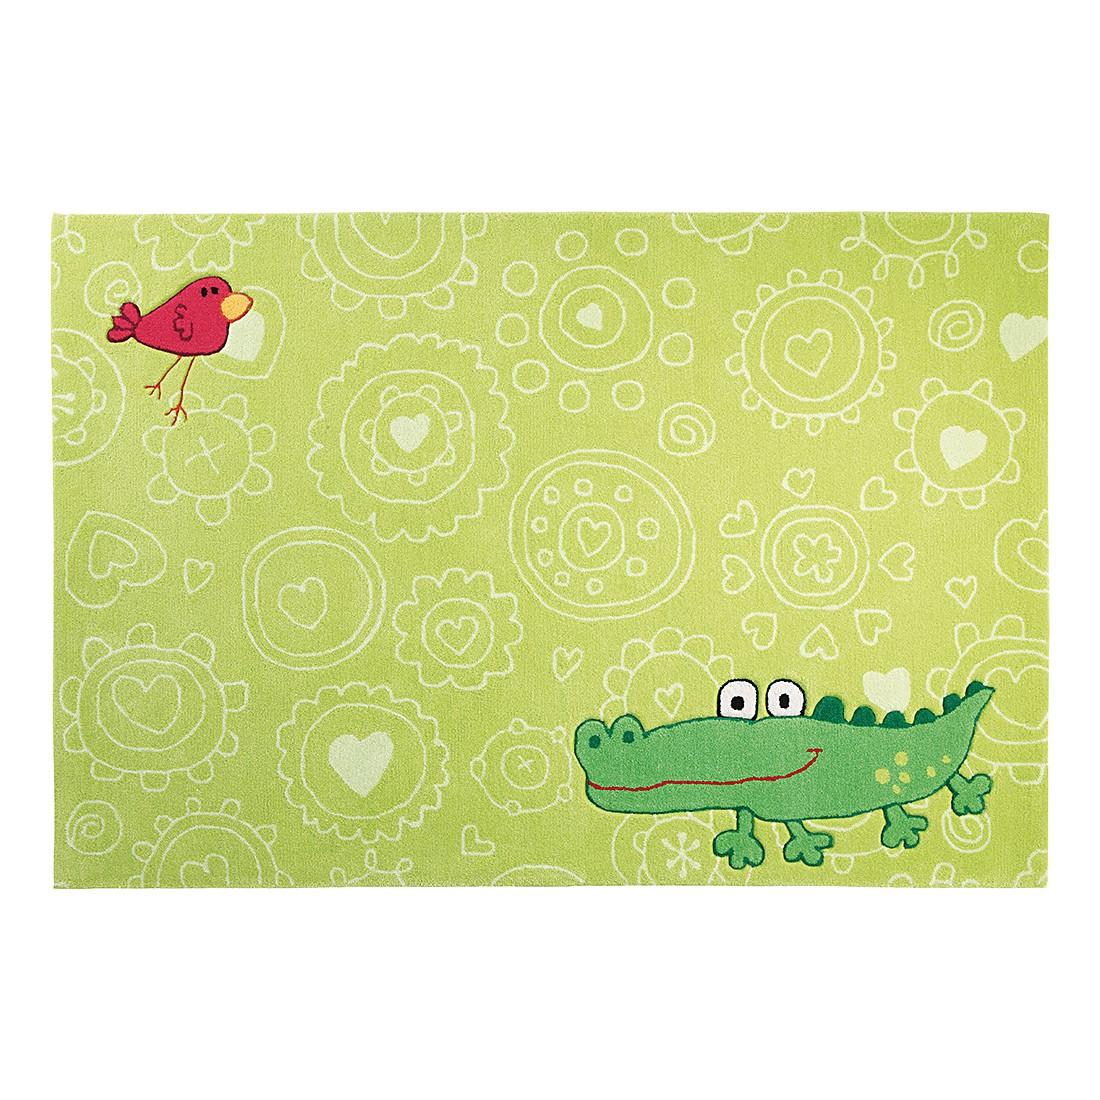 Tapijt Sigikid Crocodile Happy Zoo Big Size groen - 140x200cm, Sigikid